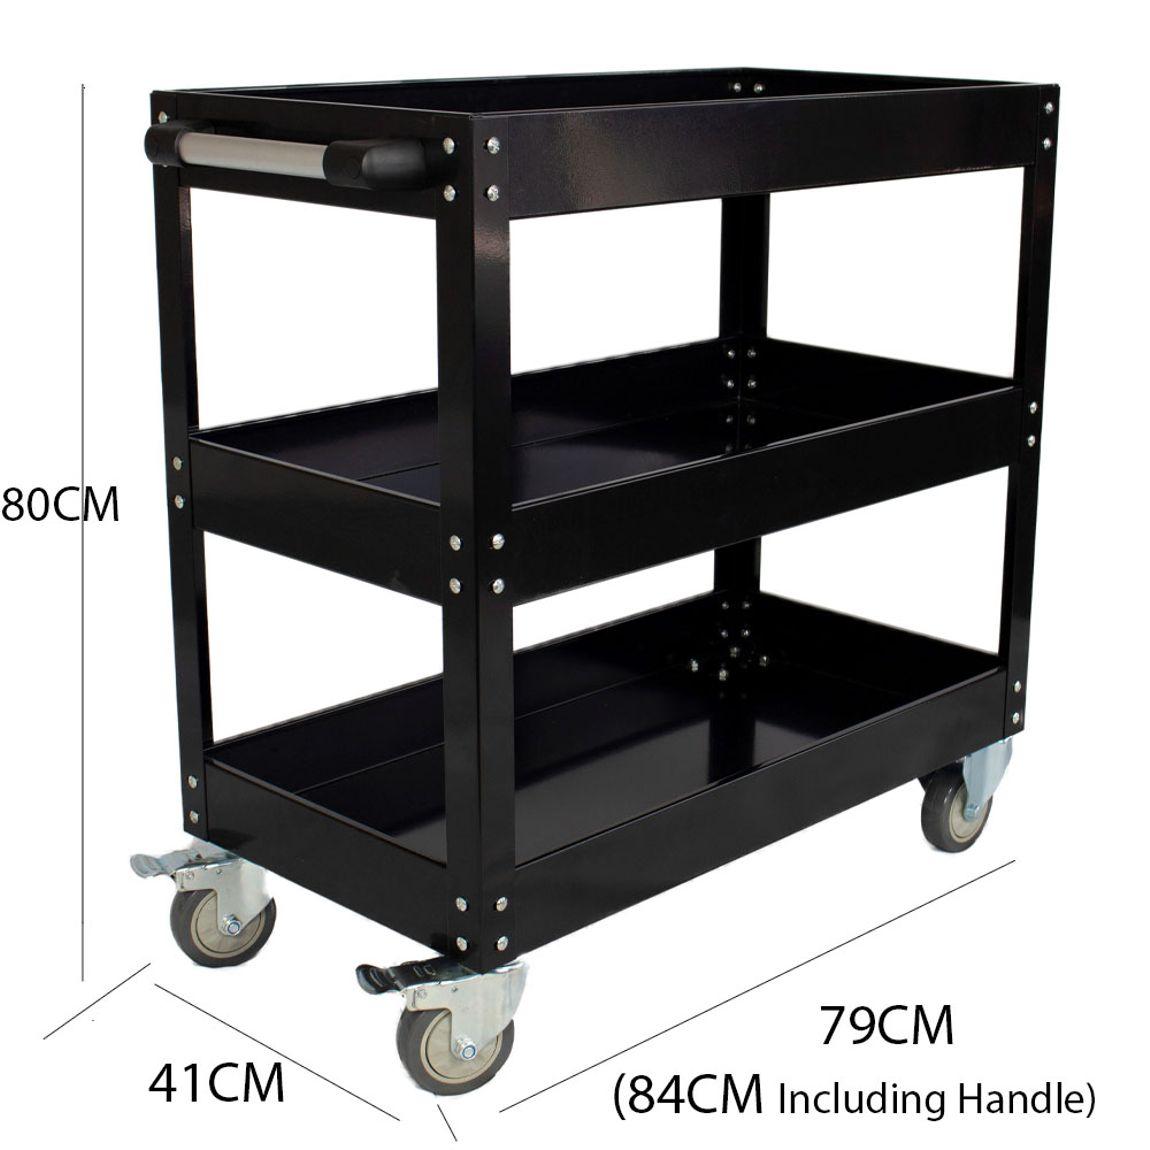 New ESSupplier Bigger & Wider Tool Trolley Cart Storage  Black